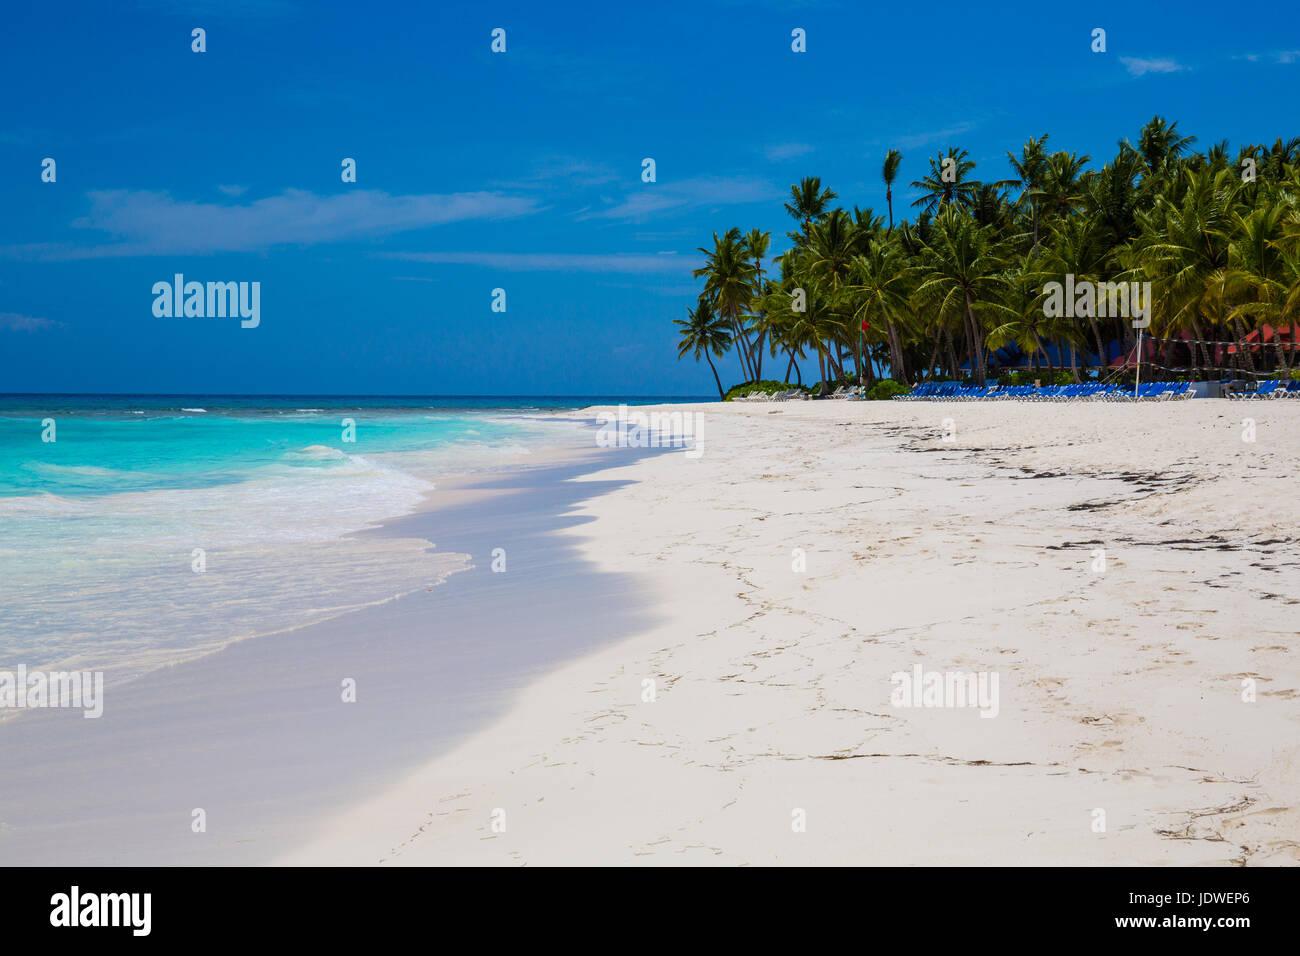 Mer des Caraïbes et une île avec palmiers et sable blanc Photo Stock